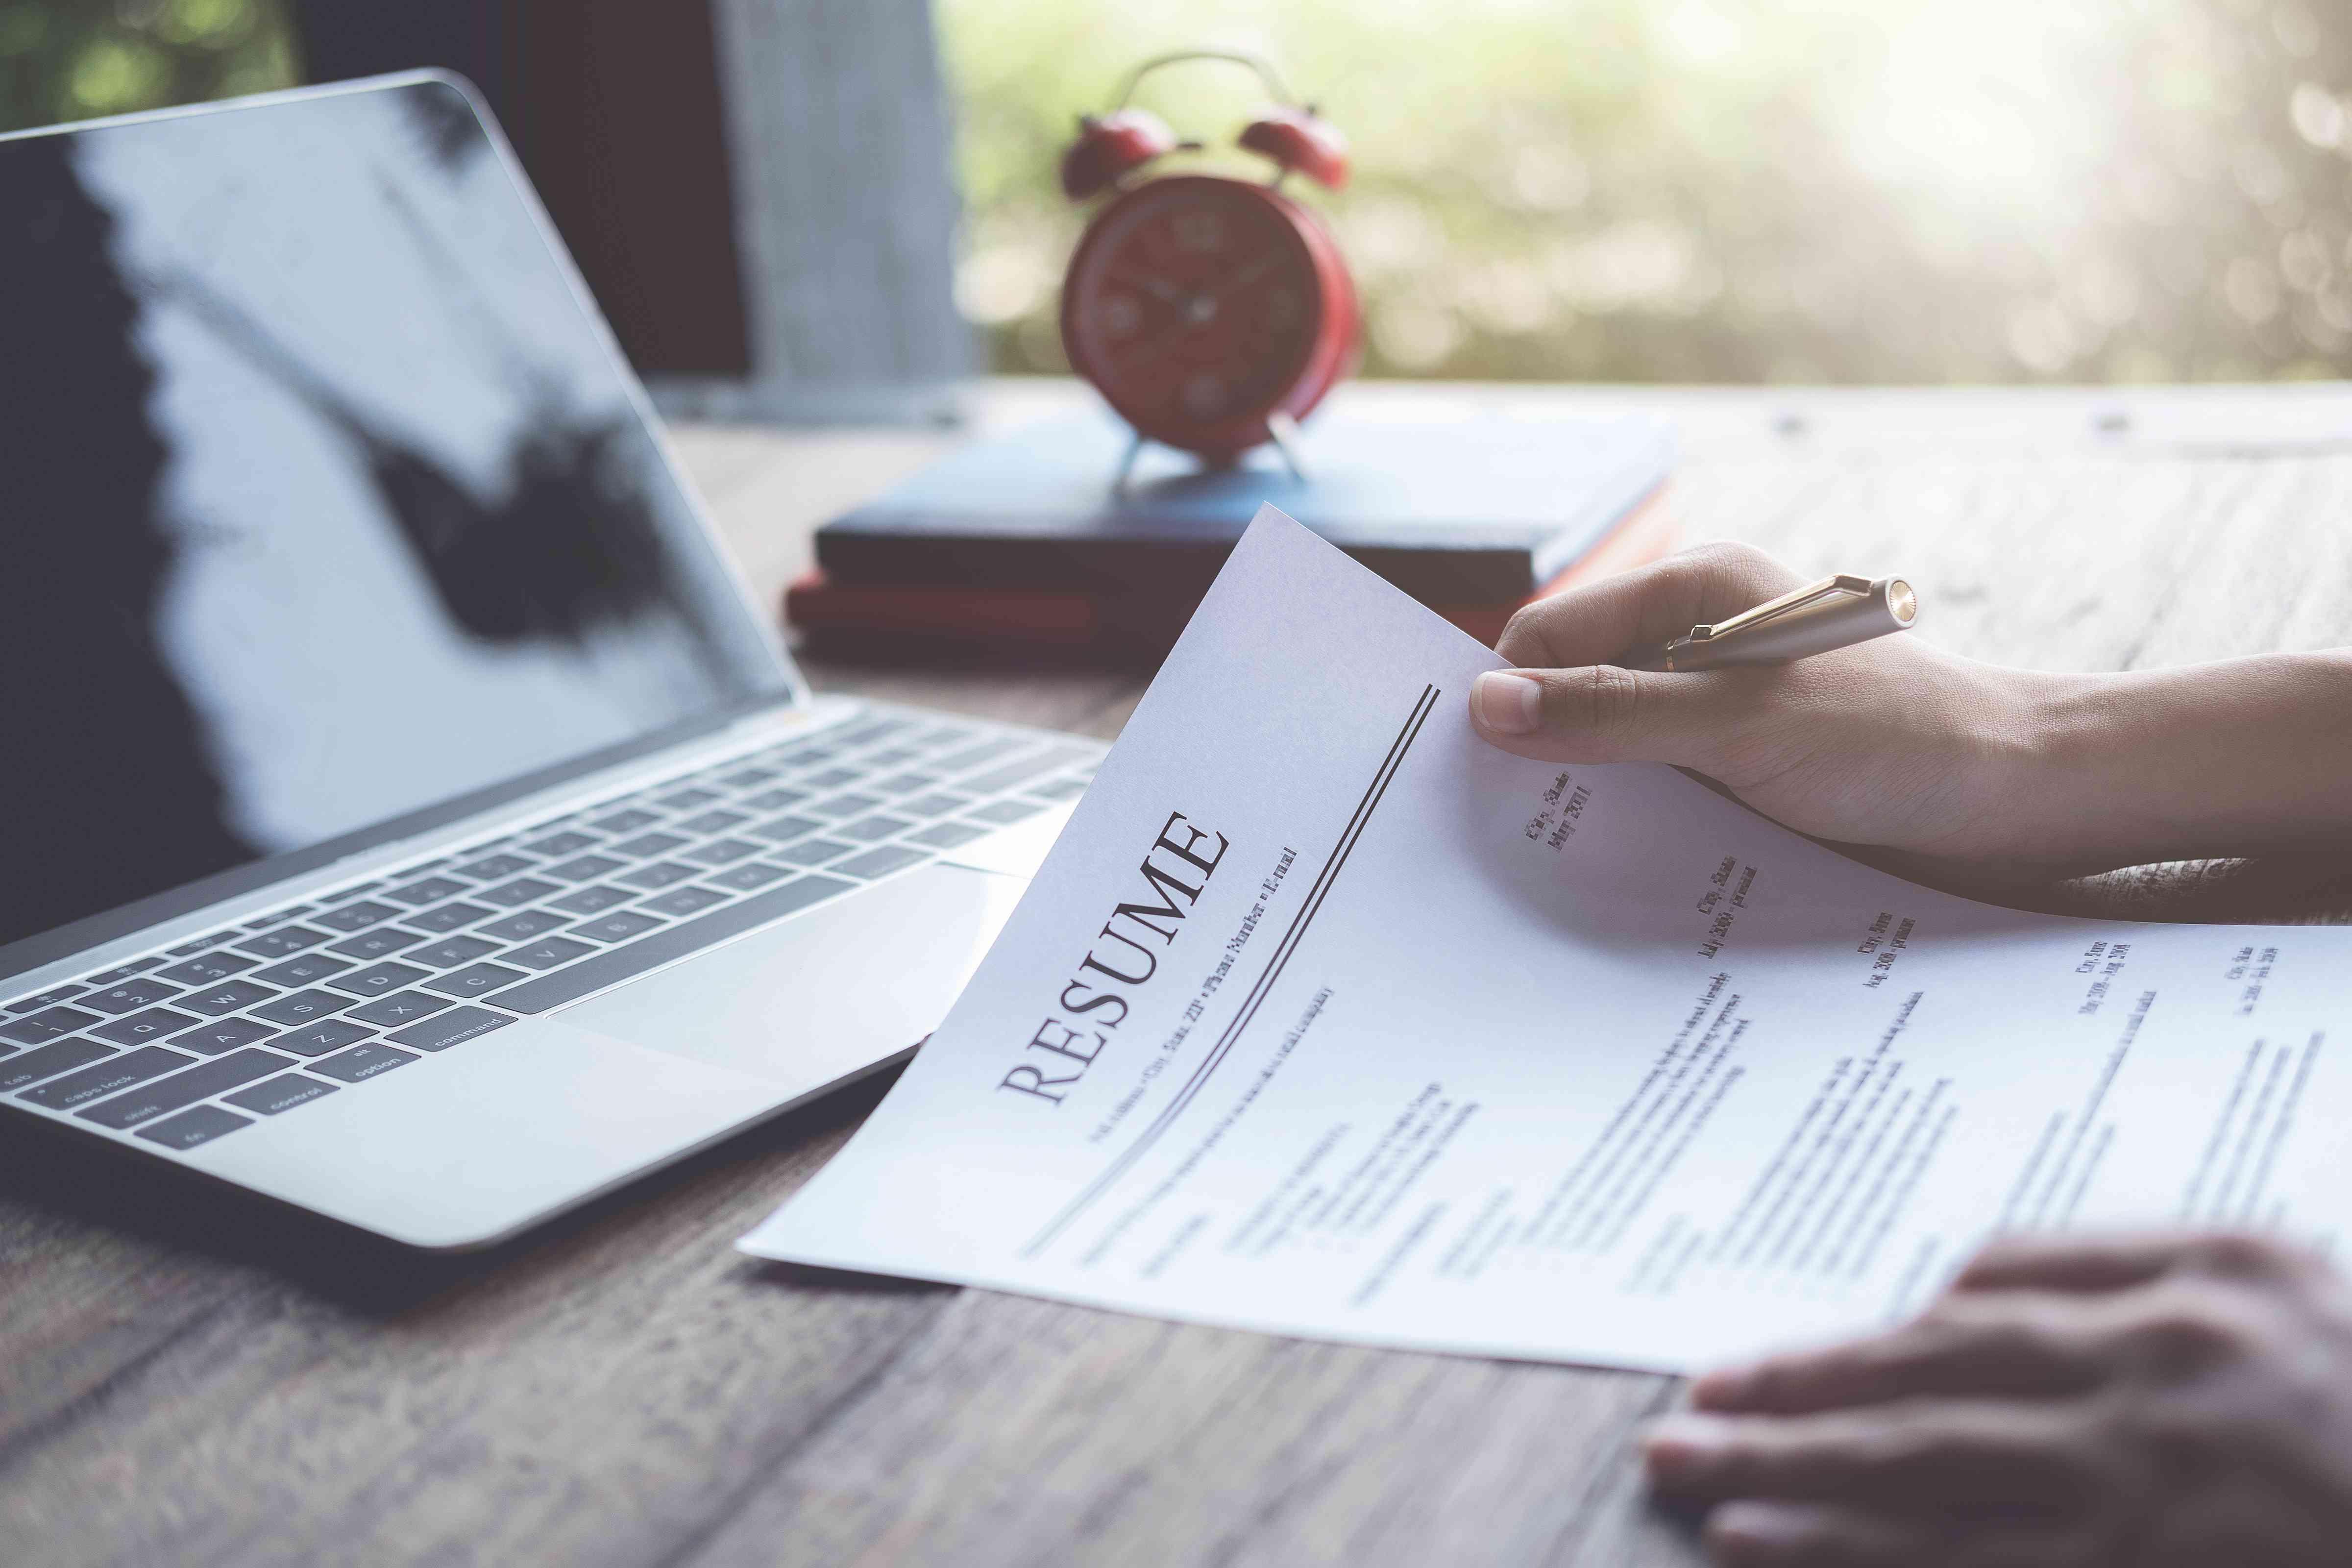 El hombre de negocios revisa su solicitud de currículum en el escritorio, la computadora portátil, el buscador de trabajo